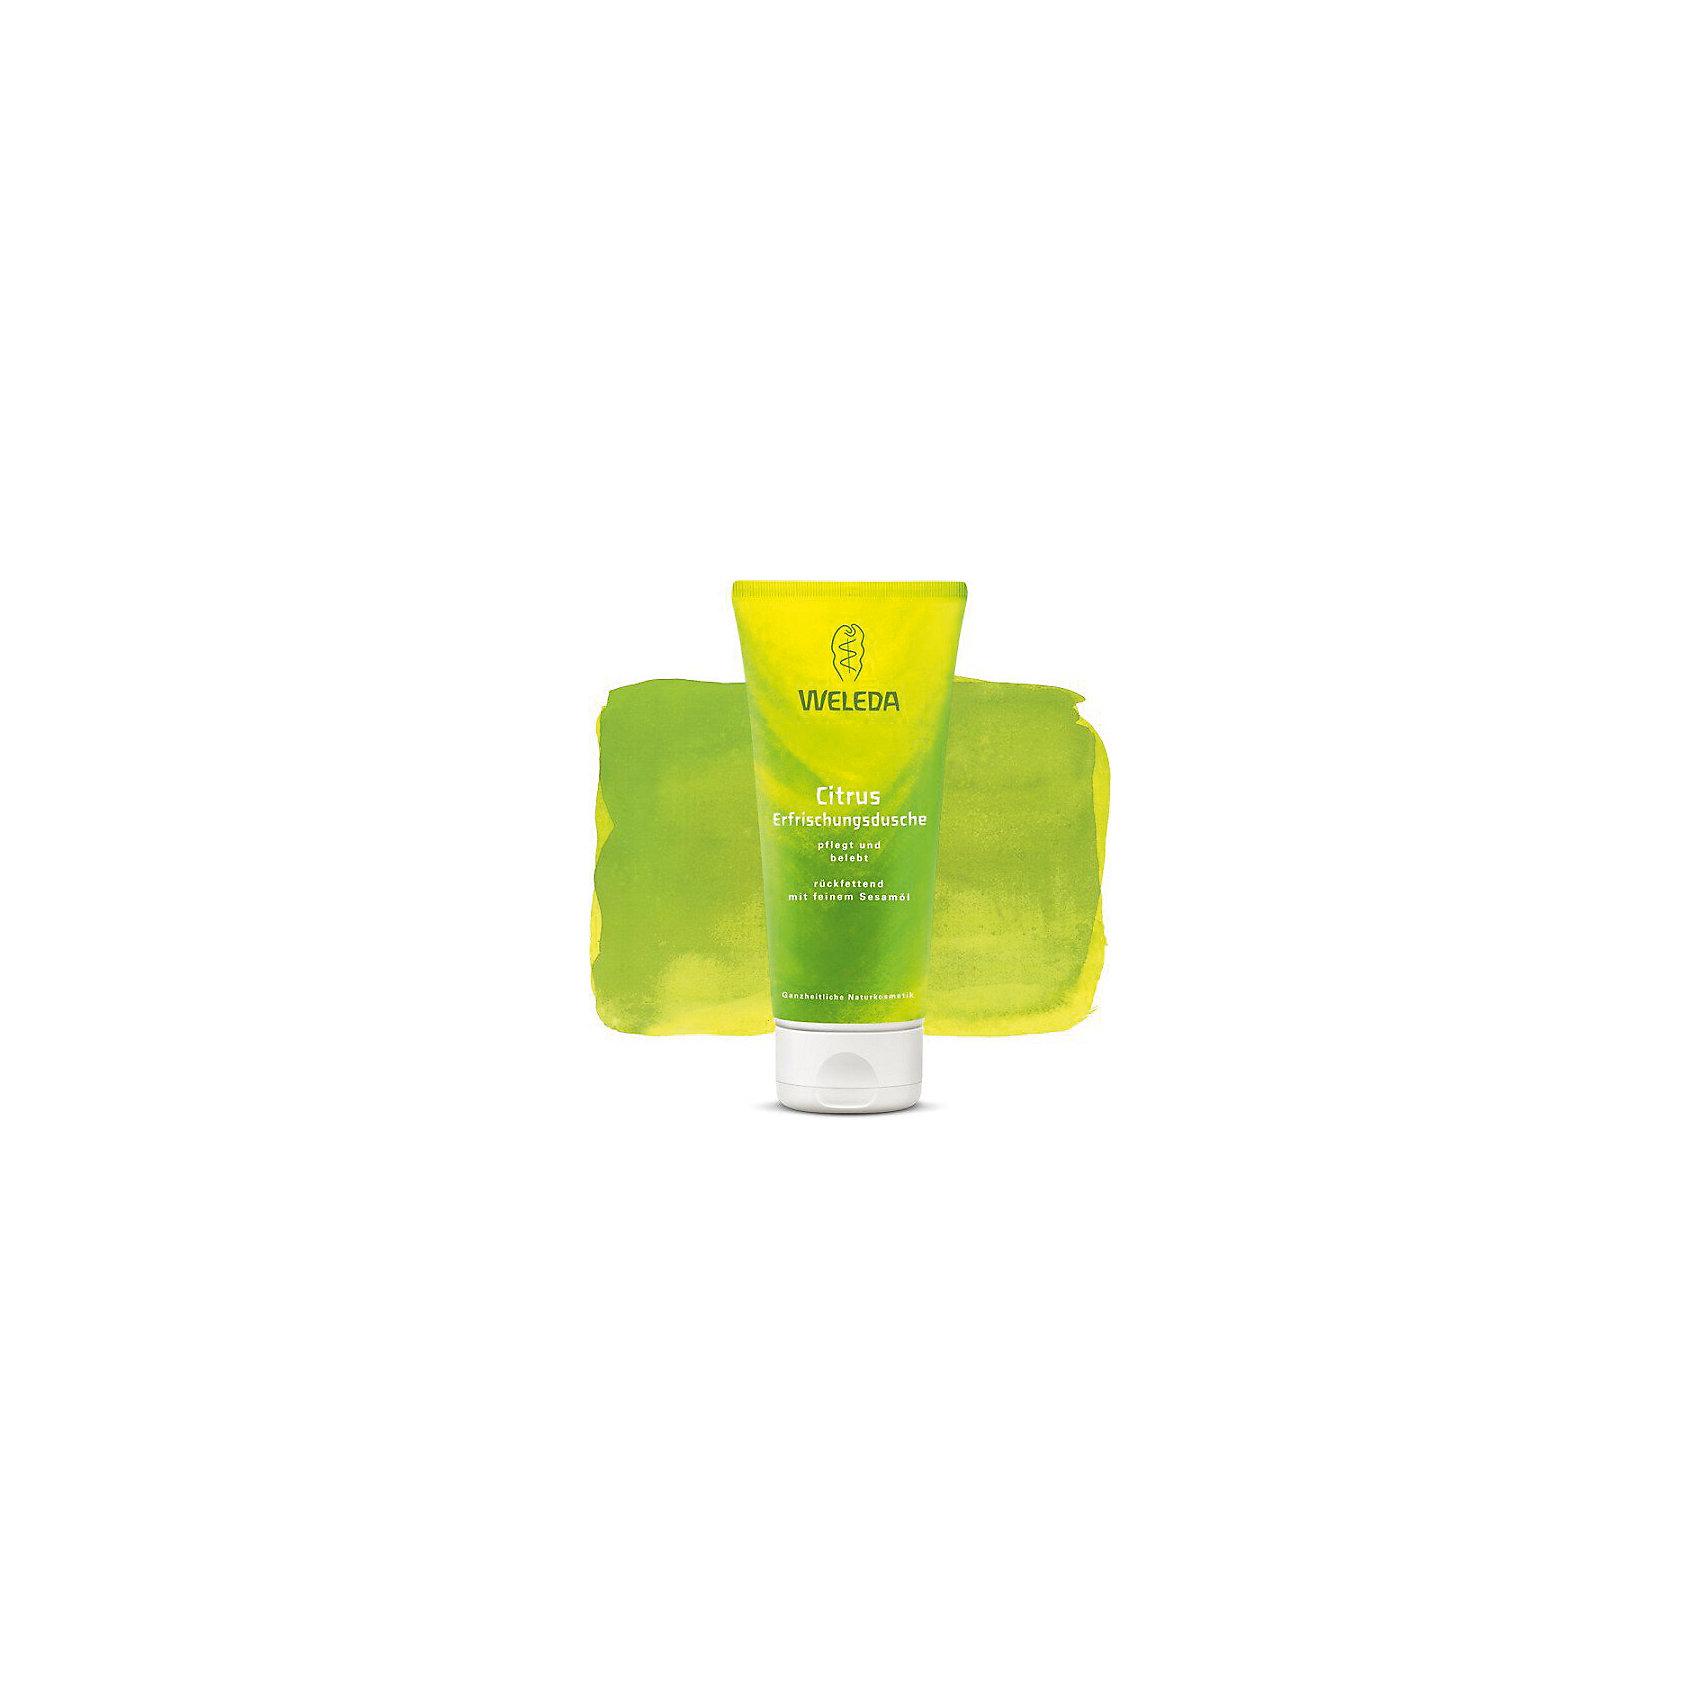 Гель для душа цитрусовый освежающий, 200 мл., WeledaСредства для ухода<br>Гель для душа цитрусовый освежающий, 200 мл., Weleda<br>Характеристики:<br><br>• Объем: 200 мл<br>• Запах: цитрусовый<br>• Содержит: кунжутное масло<br><br>Этот нежный гель для душа обладает ароматом цитрусовых. Его применение позволяет успокоиться и гармонизировать чувства, а мягкие сахарные тенсиды в составе бережно очищают кожу, делая процесс не только приятным, но и полезным. Масло кунжута сохранит естественную влажность кожи, сделав ее еще более бархатной и гладкой. Гель содержит только натуральные ароматизаторы, в нем нет красителей, консервантов и минеральных масел, что делает его безопасным для кожи.<br><br>Гель для душа цитрусовый освежающий, 200 мл., Weleda можно купить в нашем интернет-магазине.<br><br>Ширина мм: 178<br>Глубина мм: 78<br>Высота мм: 53<br>Вес г: 229<br>Возраст от месяцев: 84<br>Возраст до месяцев: 1188<br>Пол: Унисекс<br>Возраст: Детский<br>SKU: 6849501